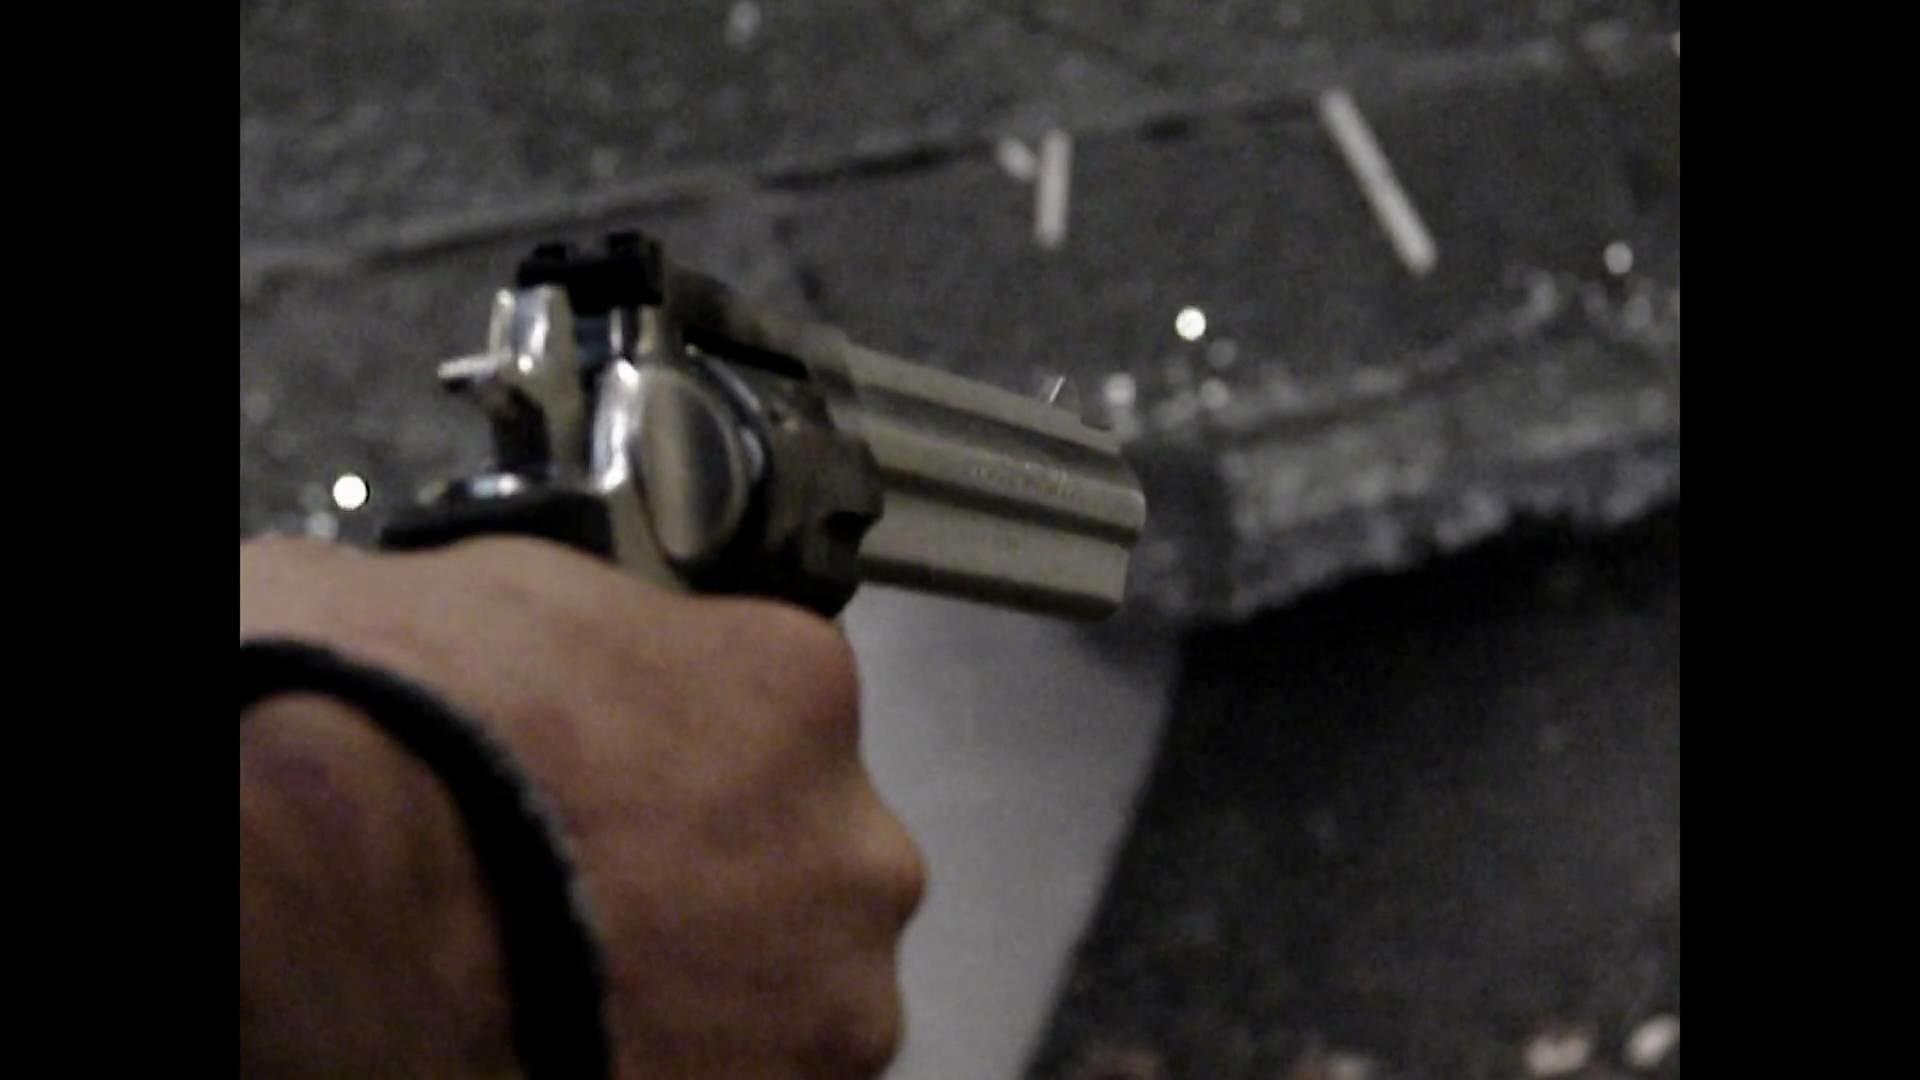 Res: 1920x1080, Ruger GP100 .357 Magnum